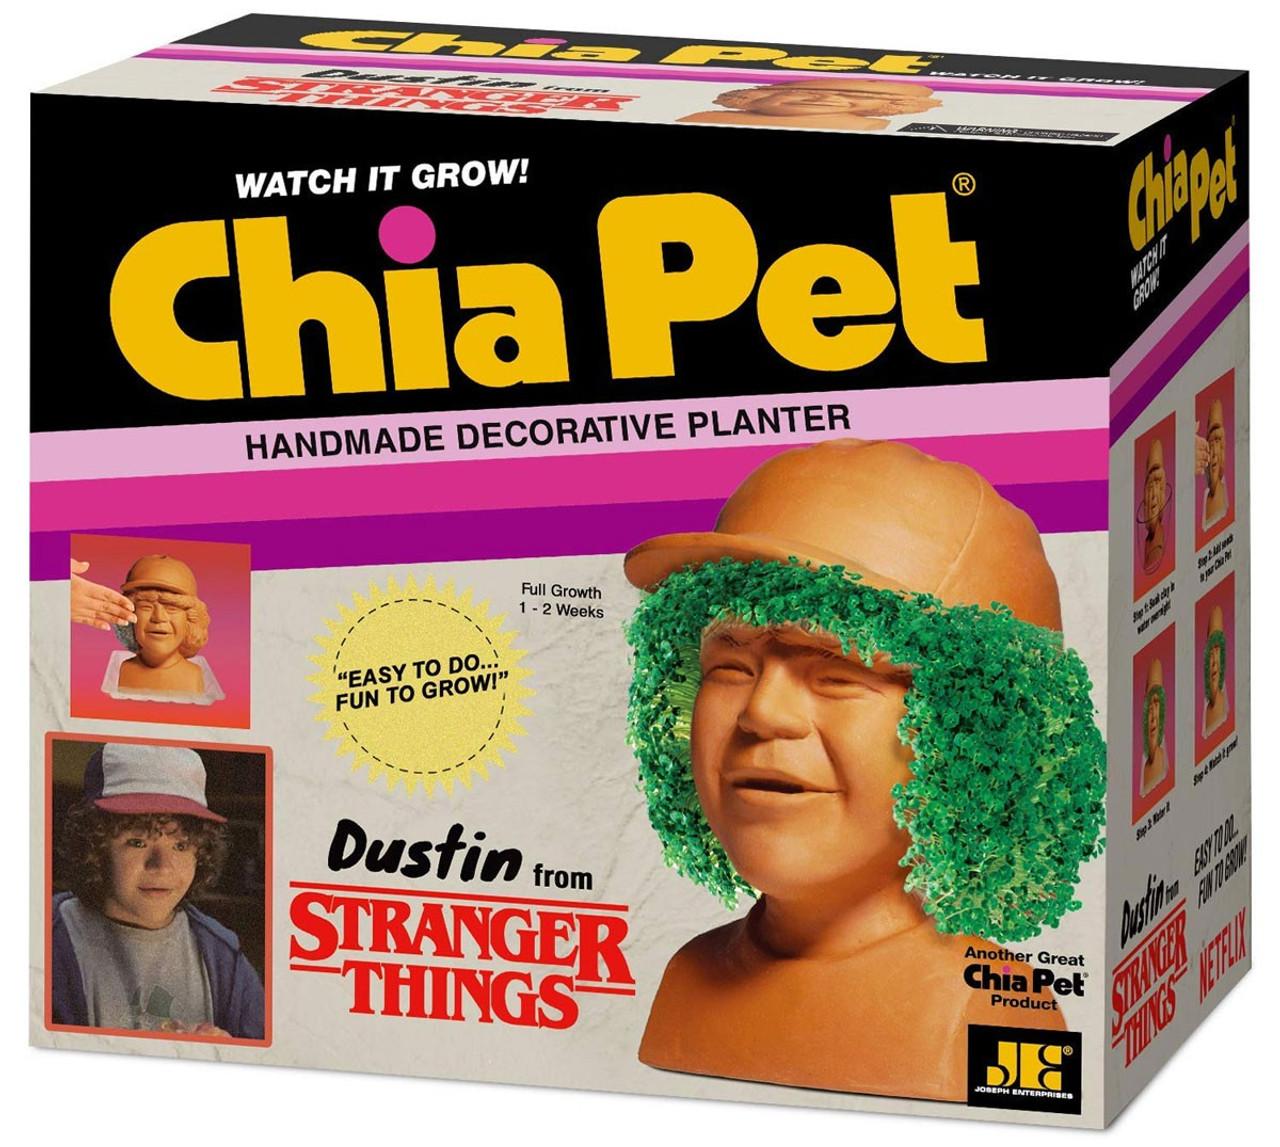 NECA Stranger Things Chia Pets Dustin Chia Pet